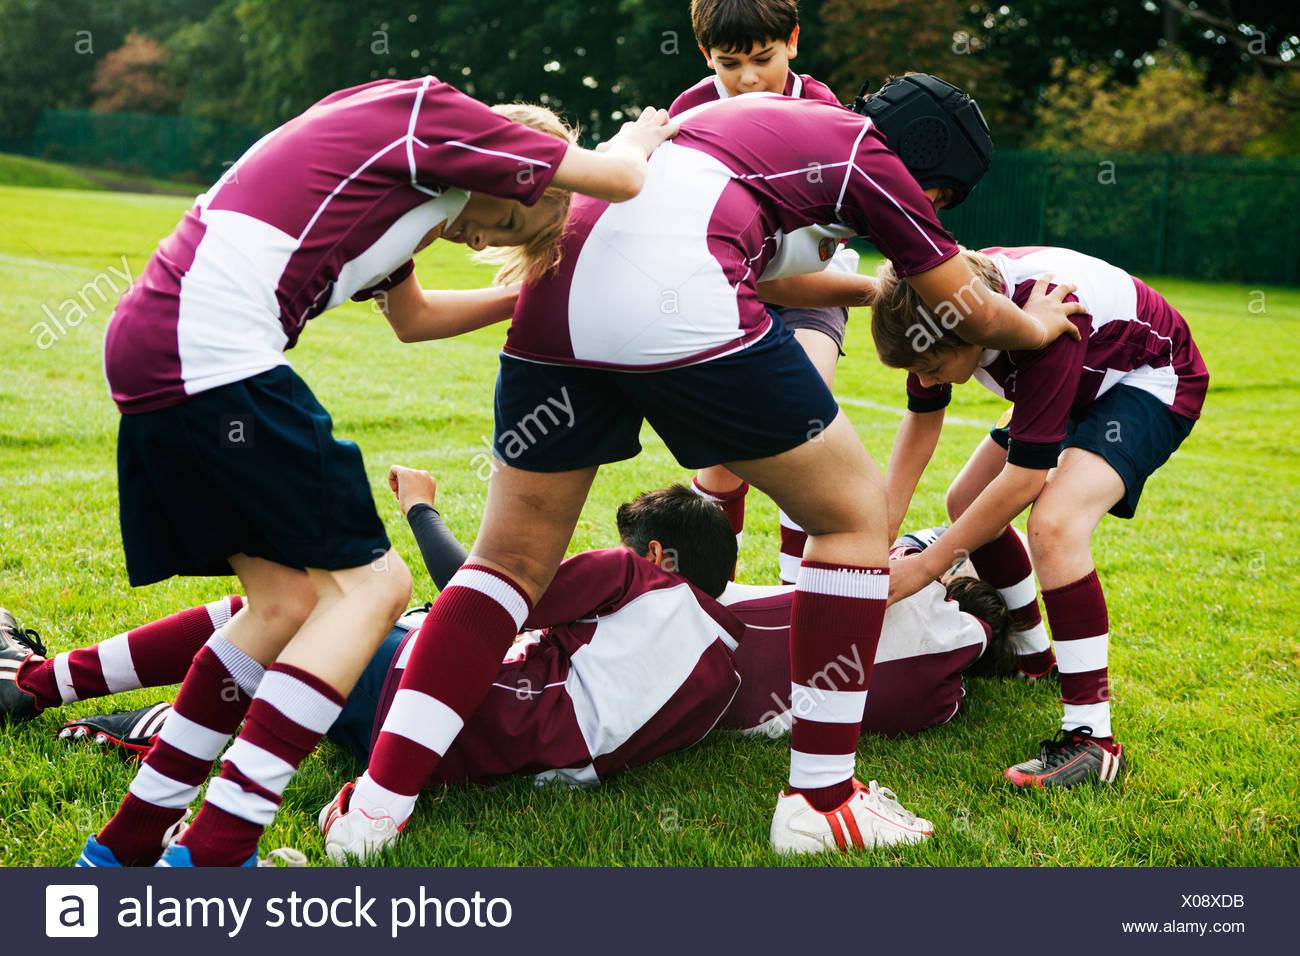 Equipo de rugby colegial adolescentes jugando agresivamente Imagen De Stock